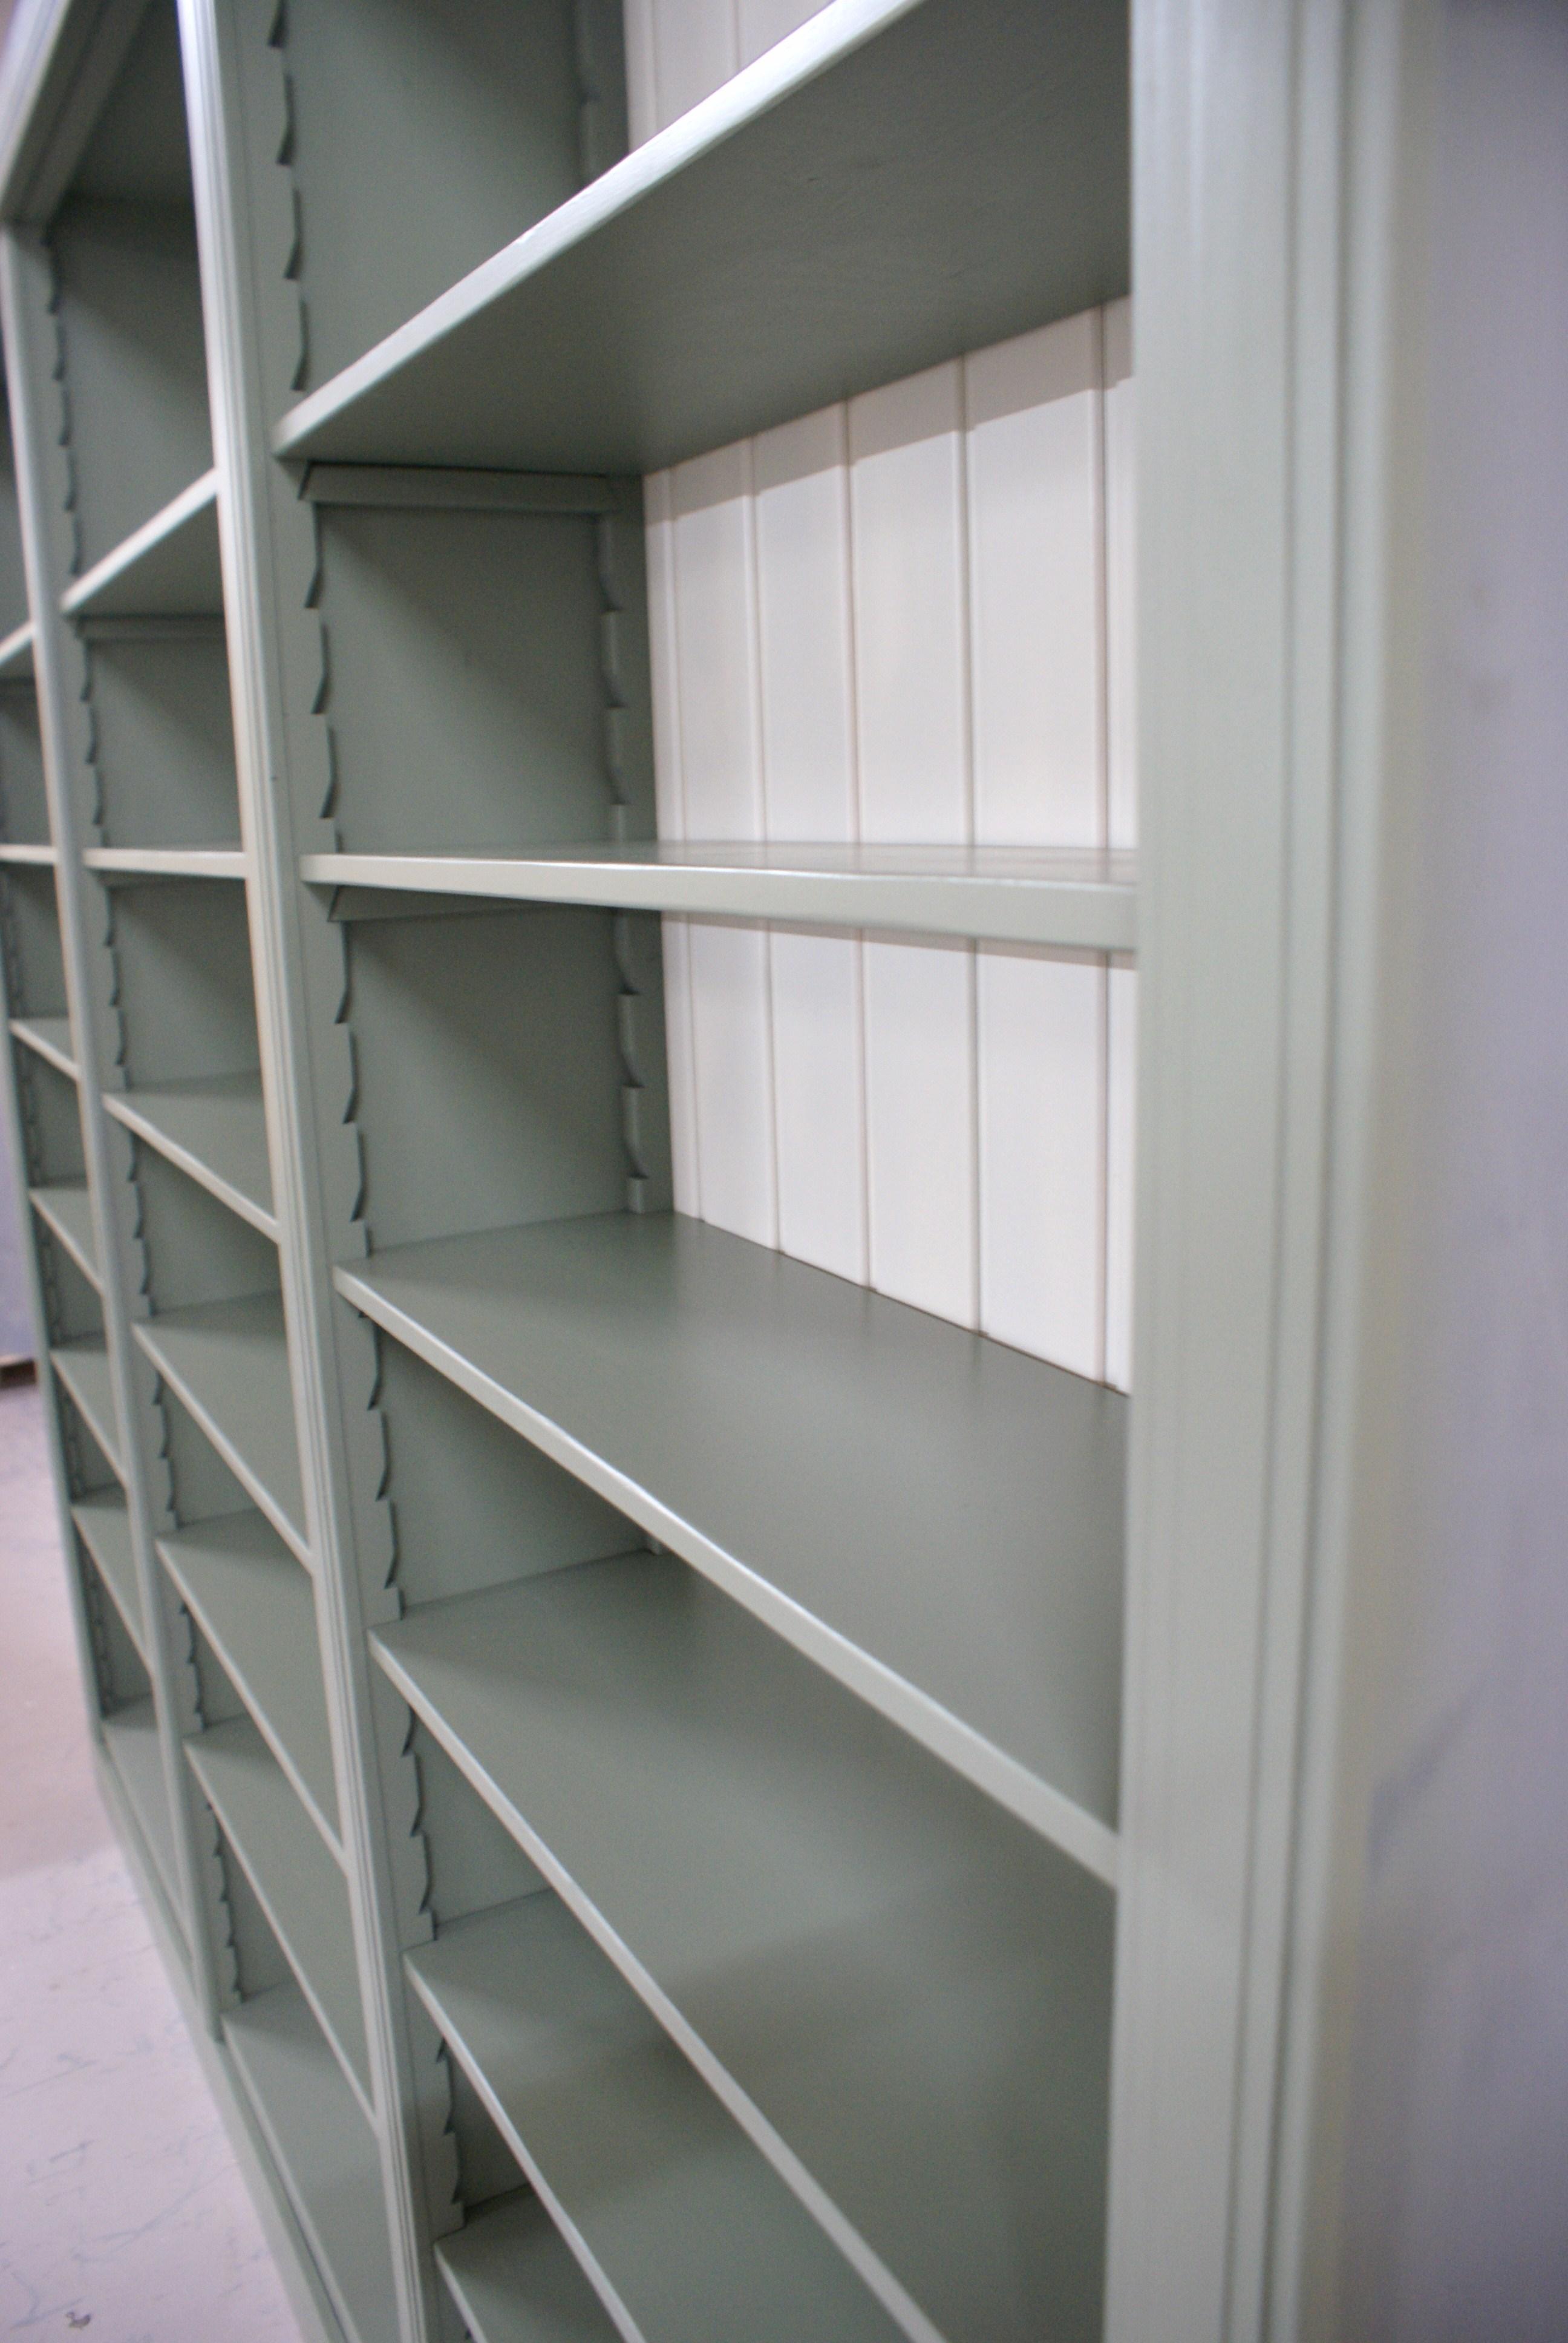 Boekenkast Op Maat Almere.Boekenkast Op Maat Almere Boekenkasten De Grenenhoeve